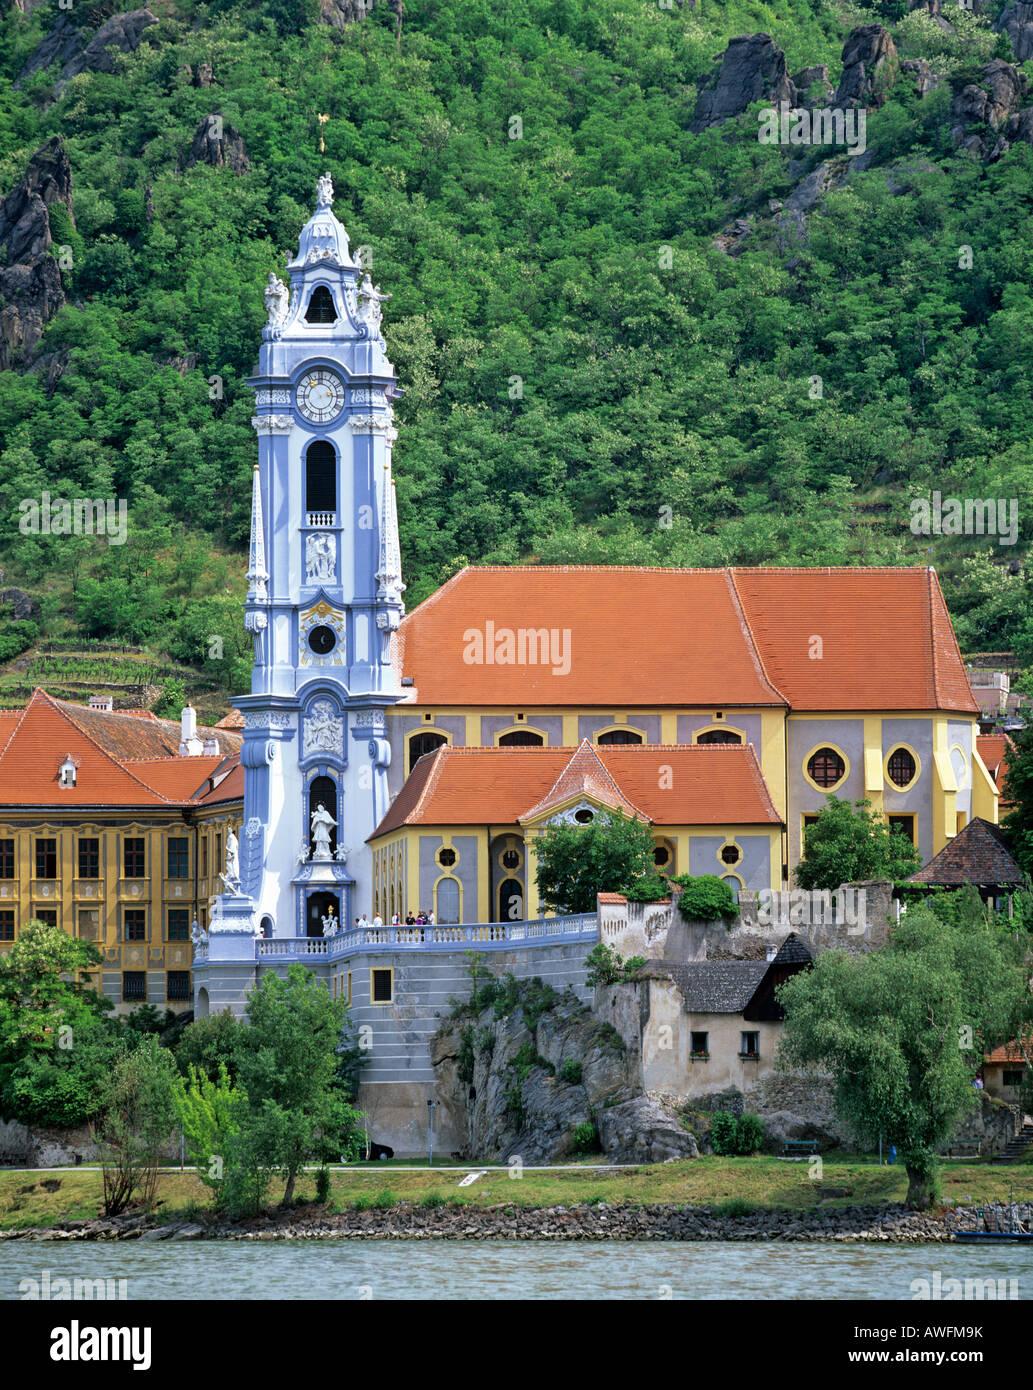 Stiftskirche Duernstein (Baroque monastery), Danube, Wachau, Lower Austria, Austria, Europe - Stock Image